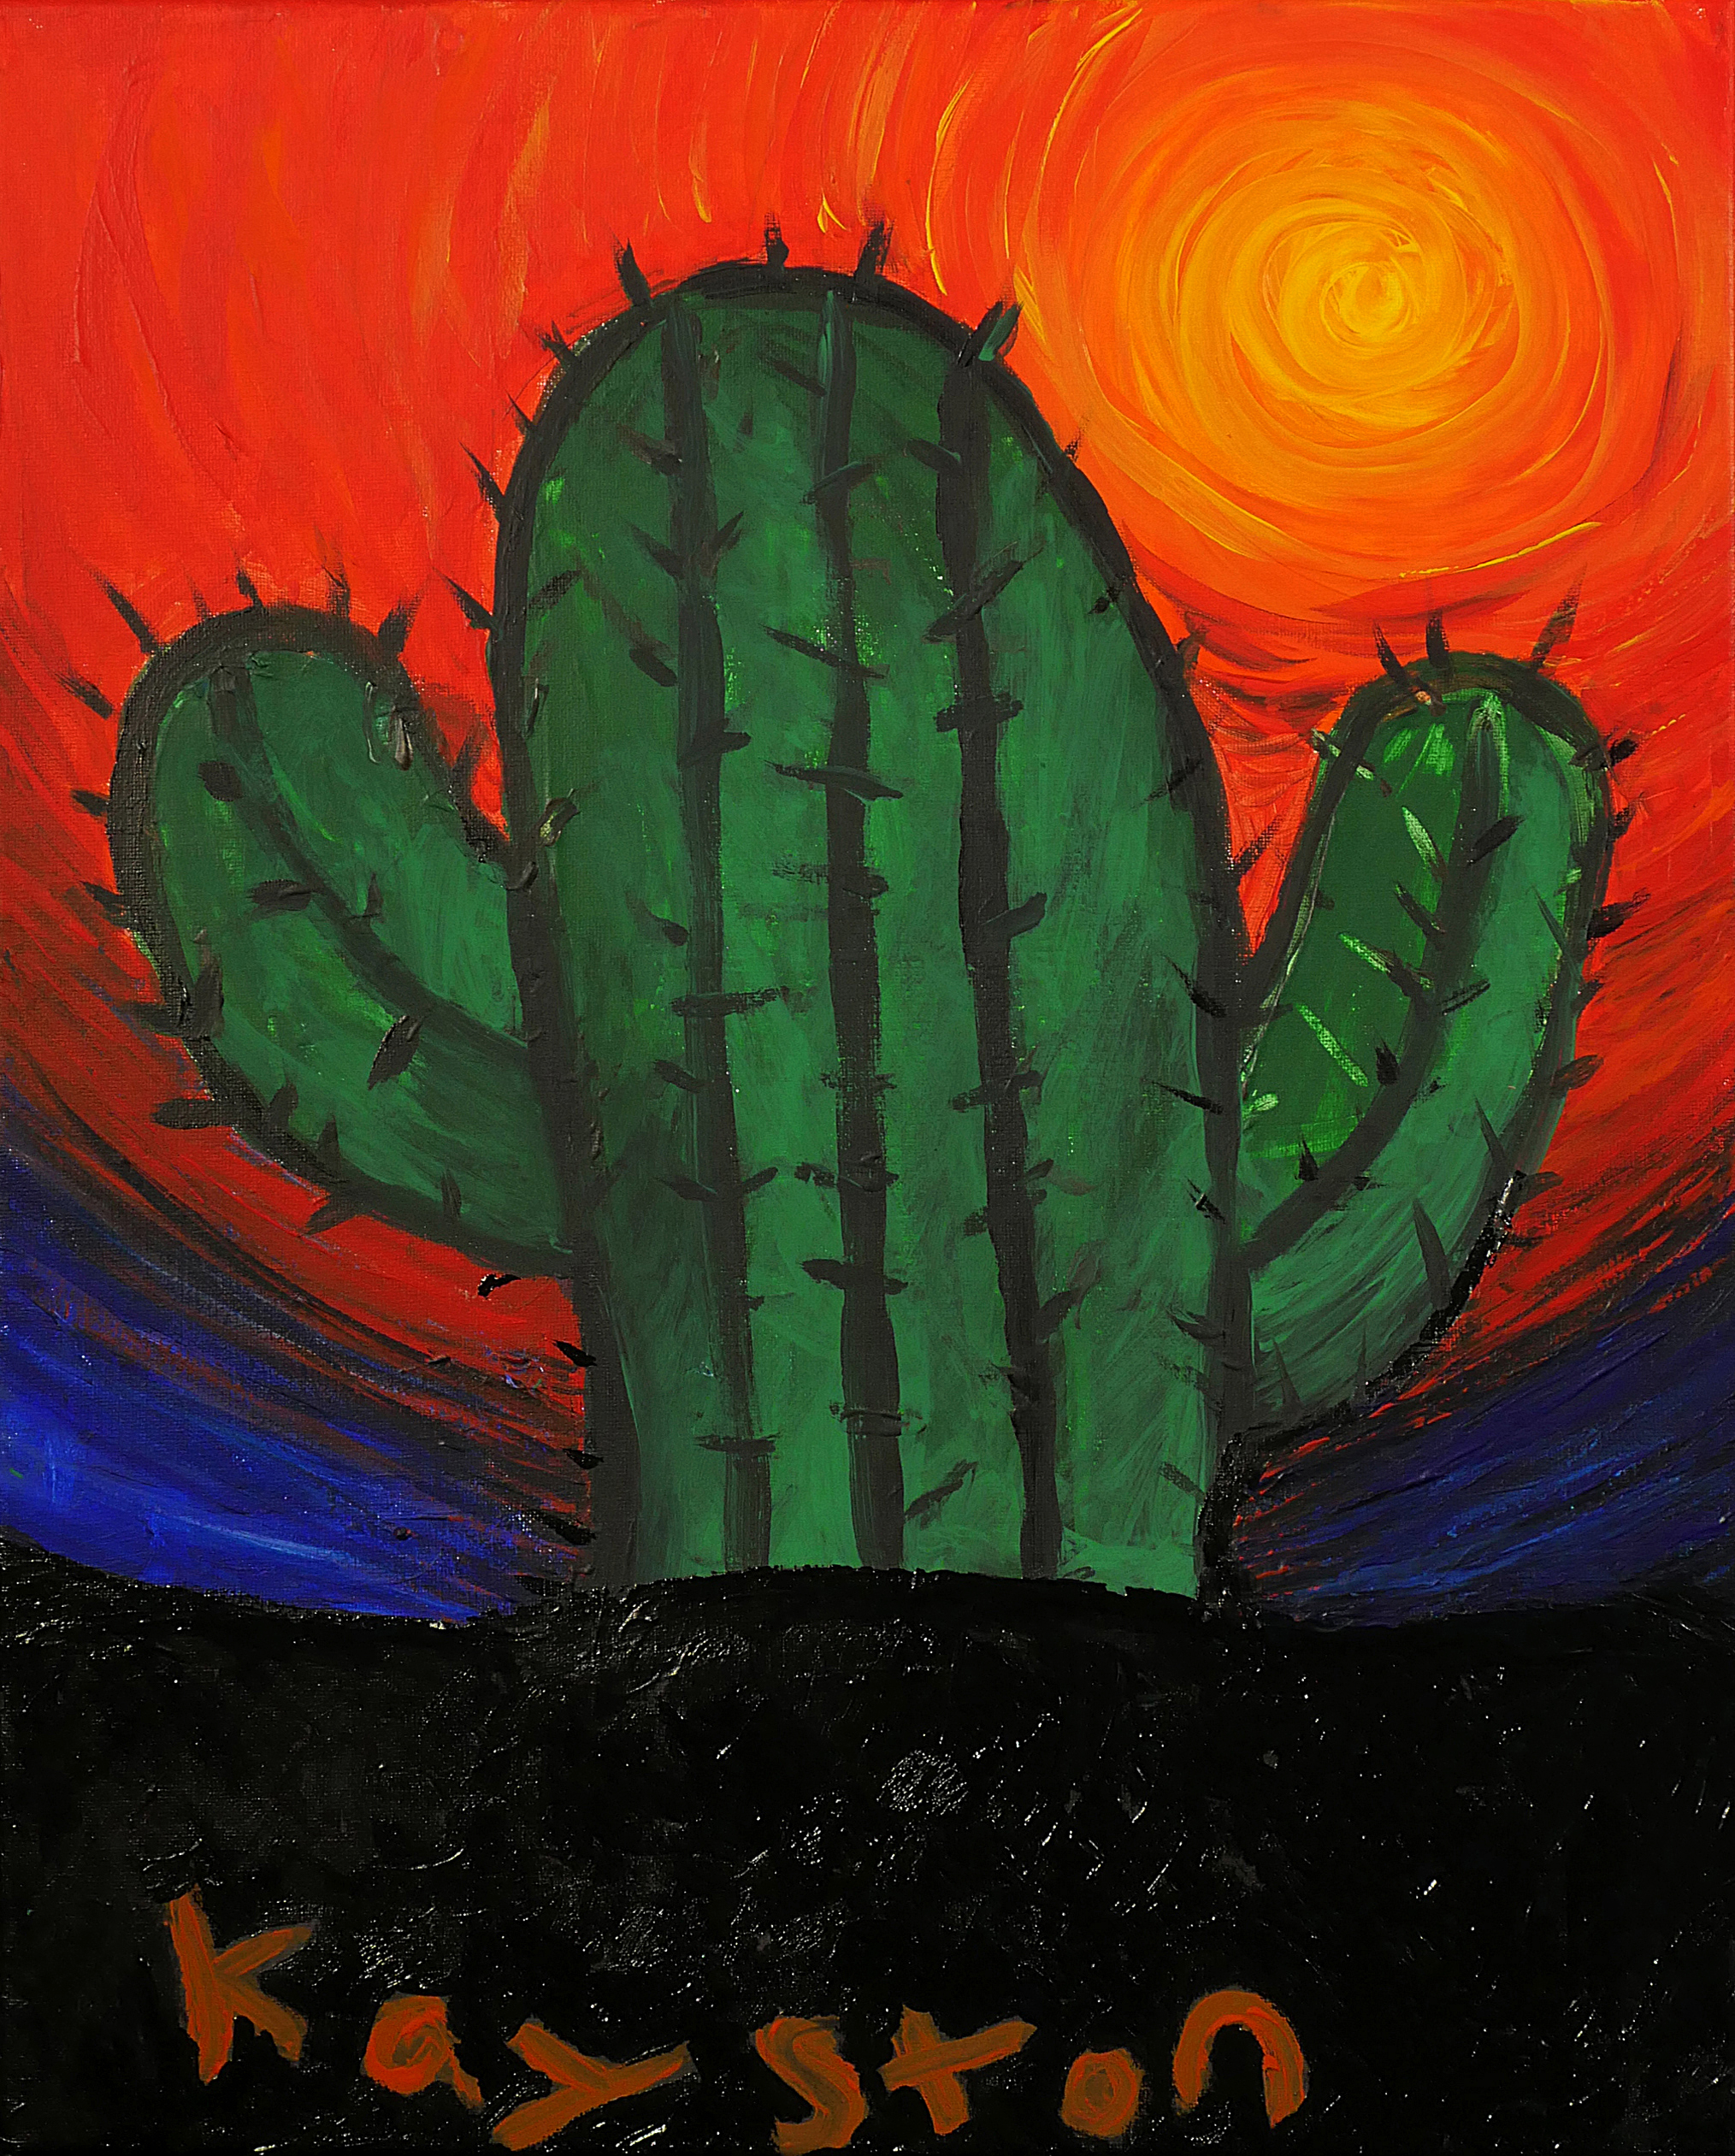 Kayston_Cactus.jpg